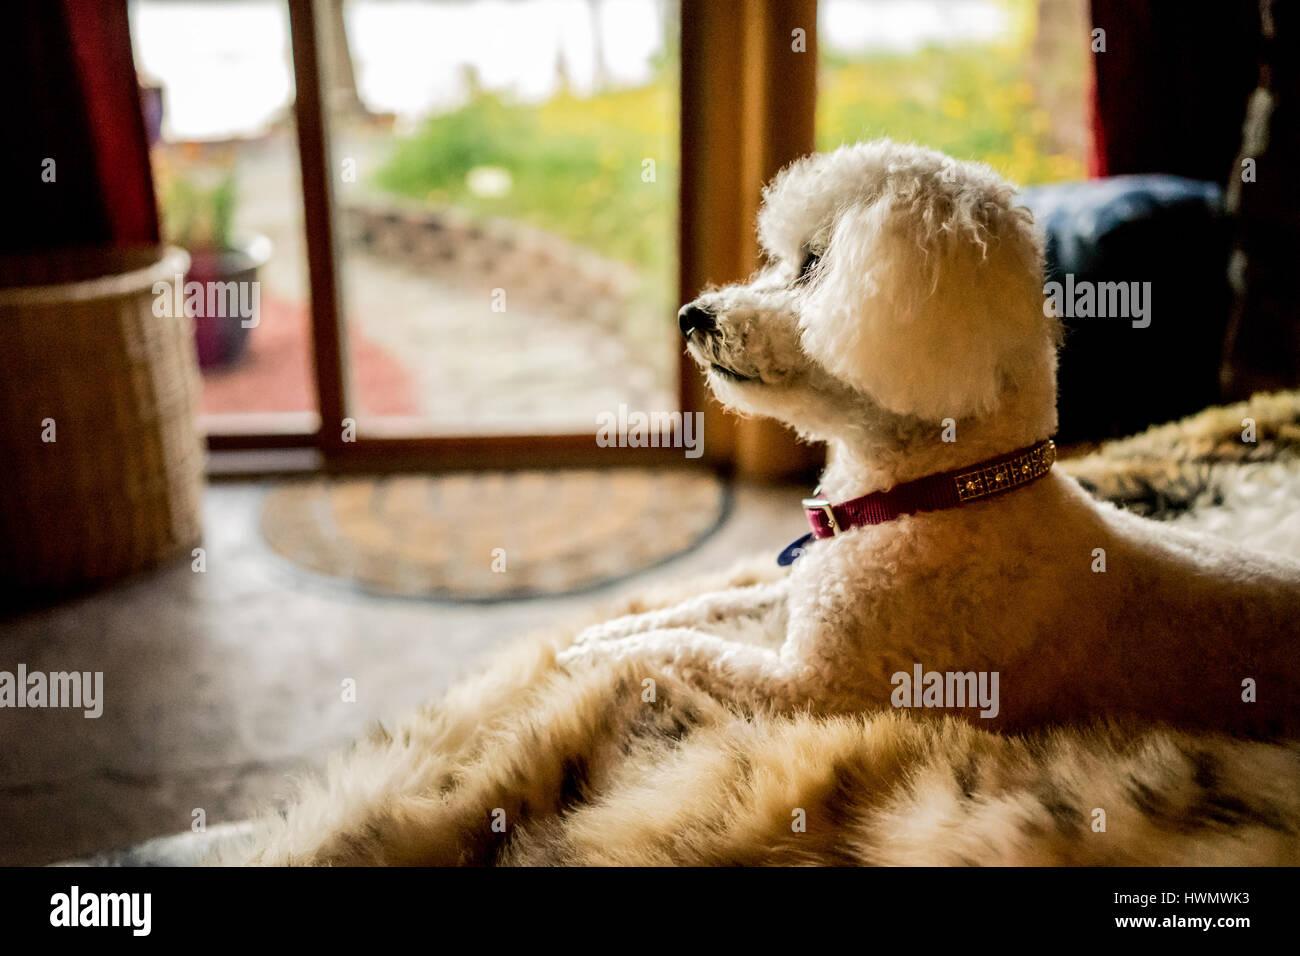 Un piccolo cane si siede con soddisfazione su un tappeto a pelo naturalmente in una stanza illuminata Immagini Stock